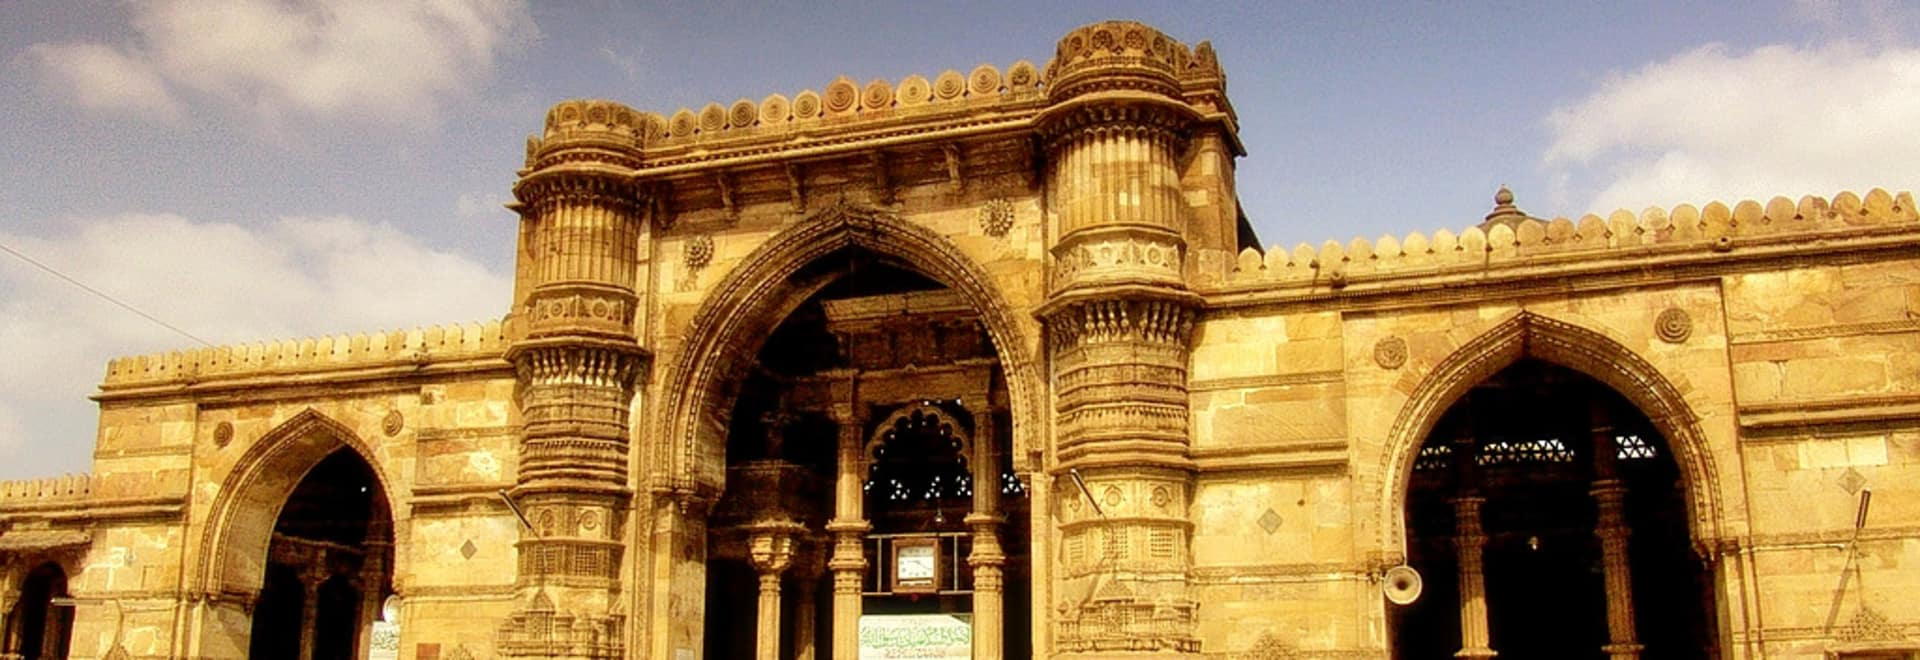 1493043614_ahmedabad_jama_masjid_2.jpg